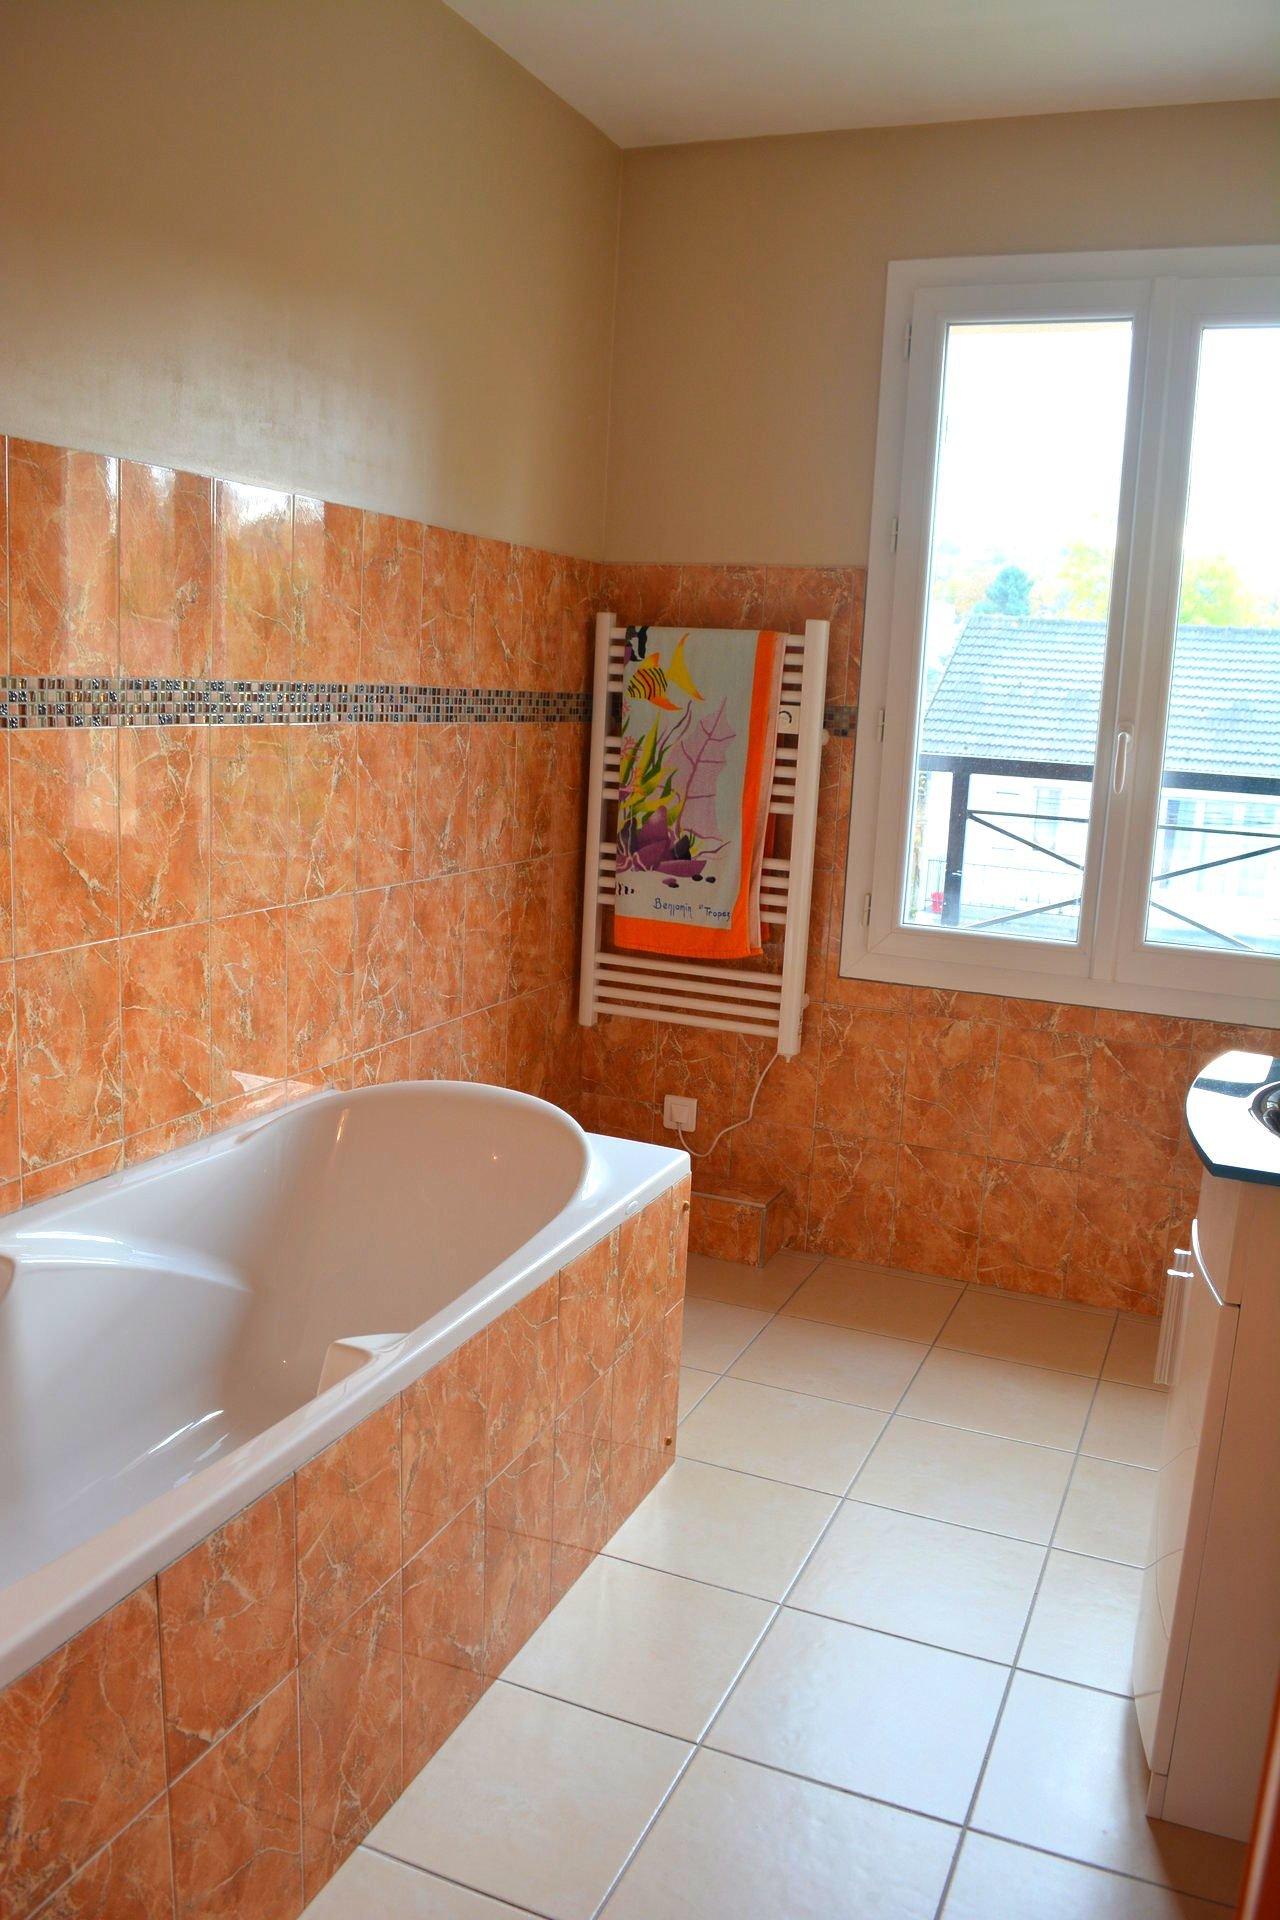 Maison 7 pièces de 155 m² sur un terrain de 644 m² à Orsay